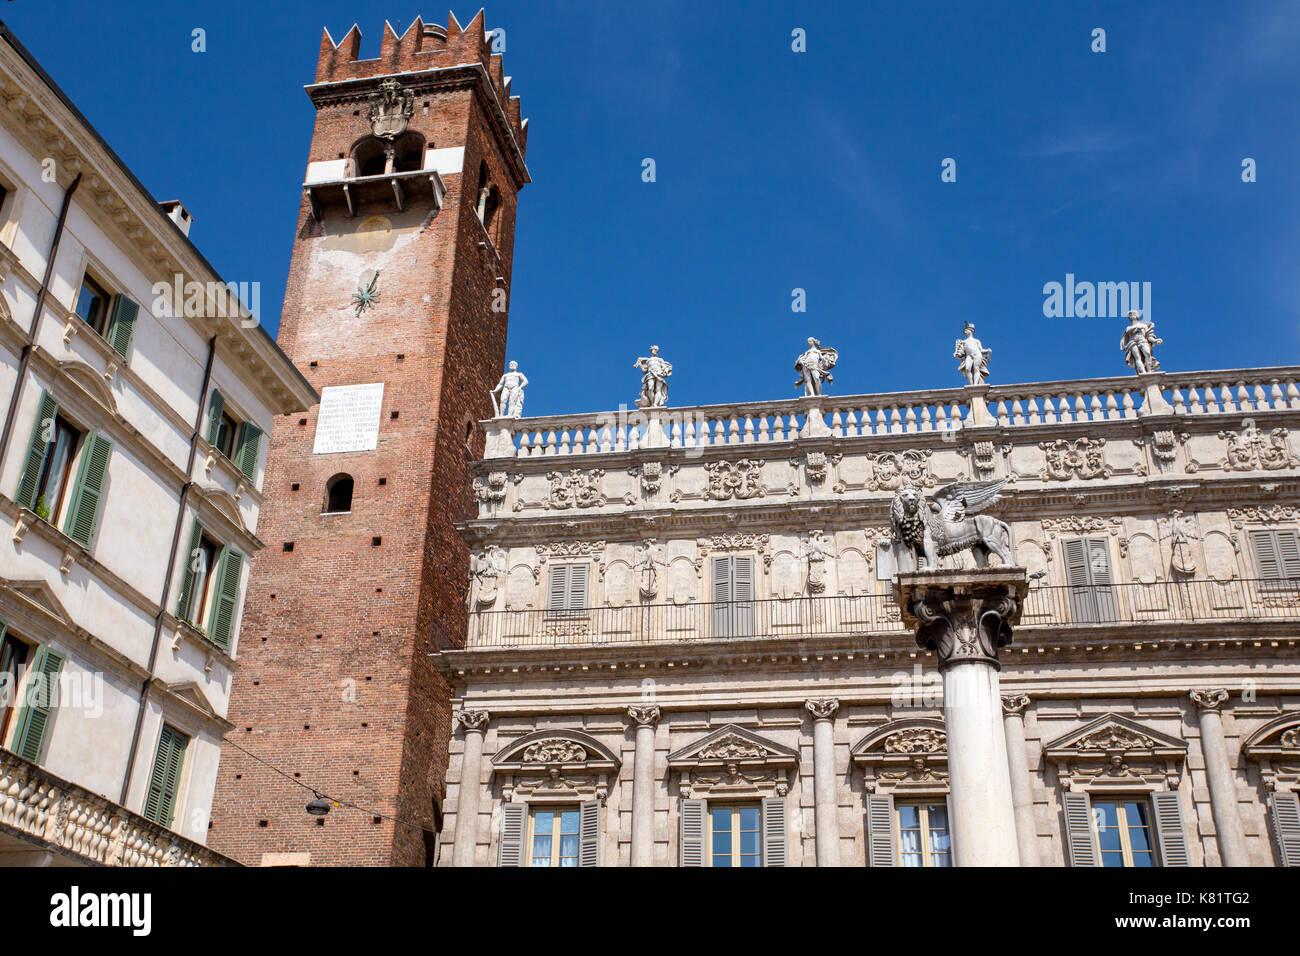 Piazza Delle Erbe und Colonna di San Marco, Verona, Italien Stockbild